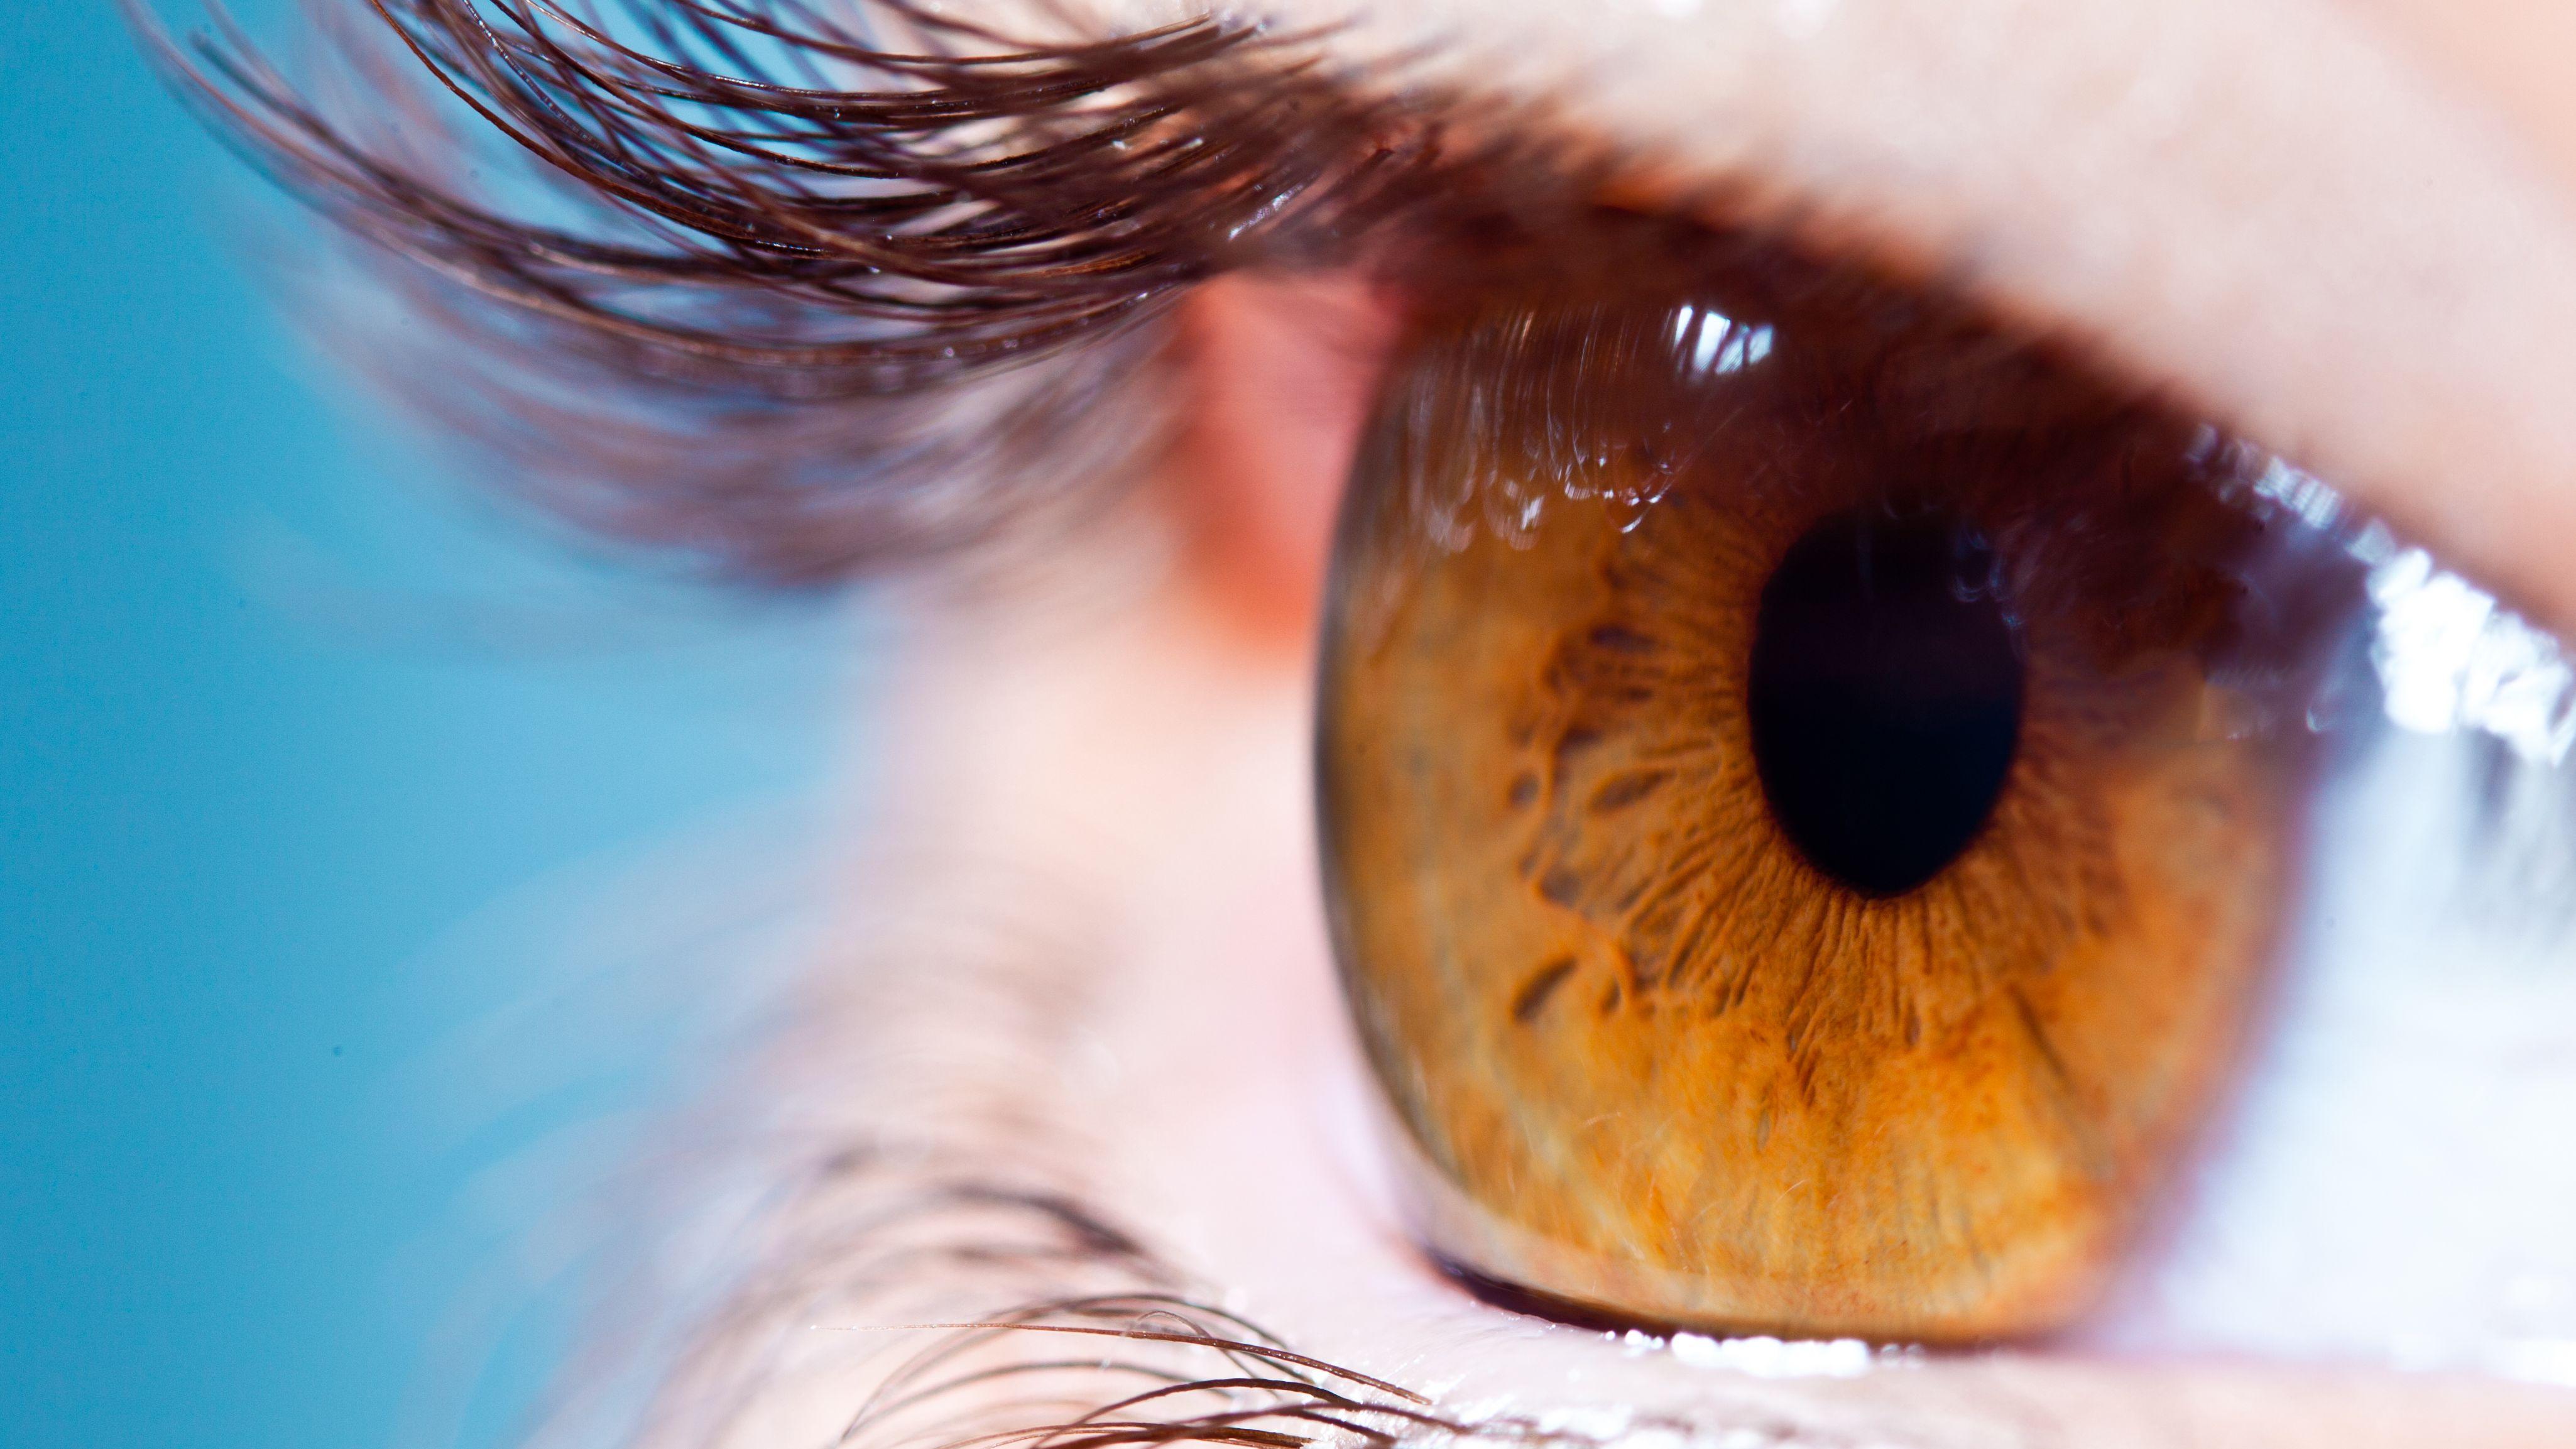 Braunes Auge in der Nahaufnahme